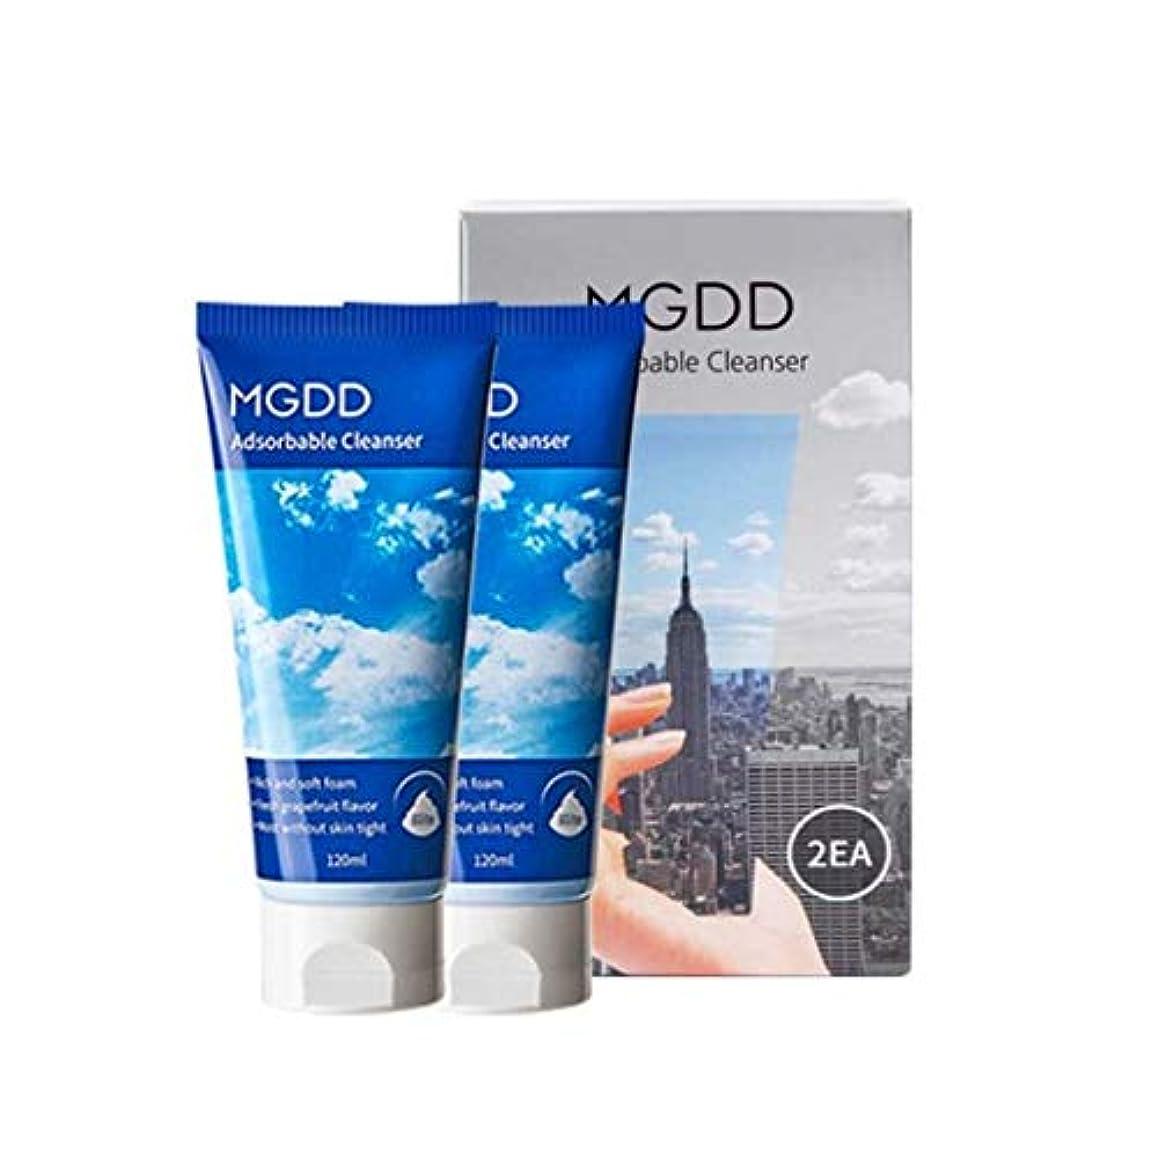 管理関与する不信MGDD吸着クレンザー120mlx2本セット毛穴洗浄韓国コスメ、MGDD Adsorbable Cleanser 120ml x 2ea Set Pore Care Korean Cosmetics [並行輸入品]